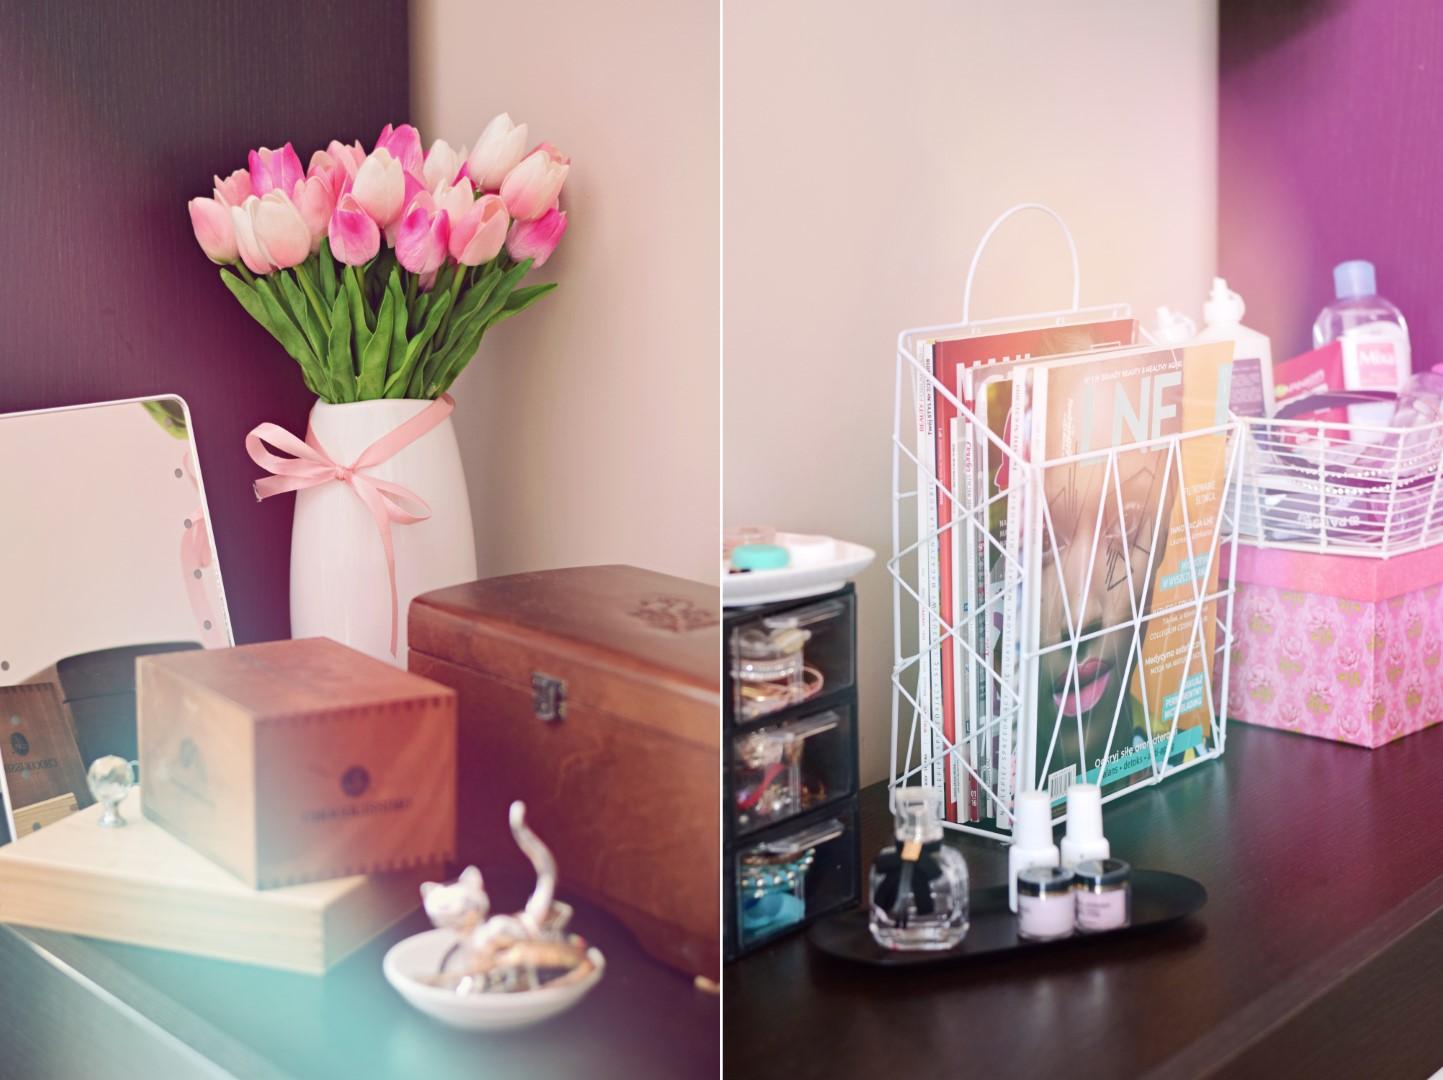 ładne_sztuczne_tulipany_aliexpress_gazetnik_biały_prosty_wazon_toaletka_komoda_sypialnia